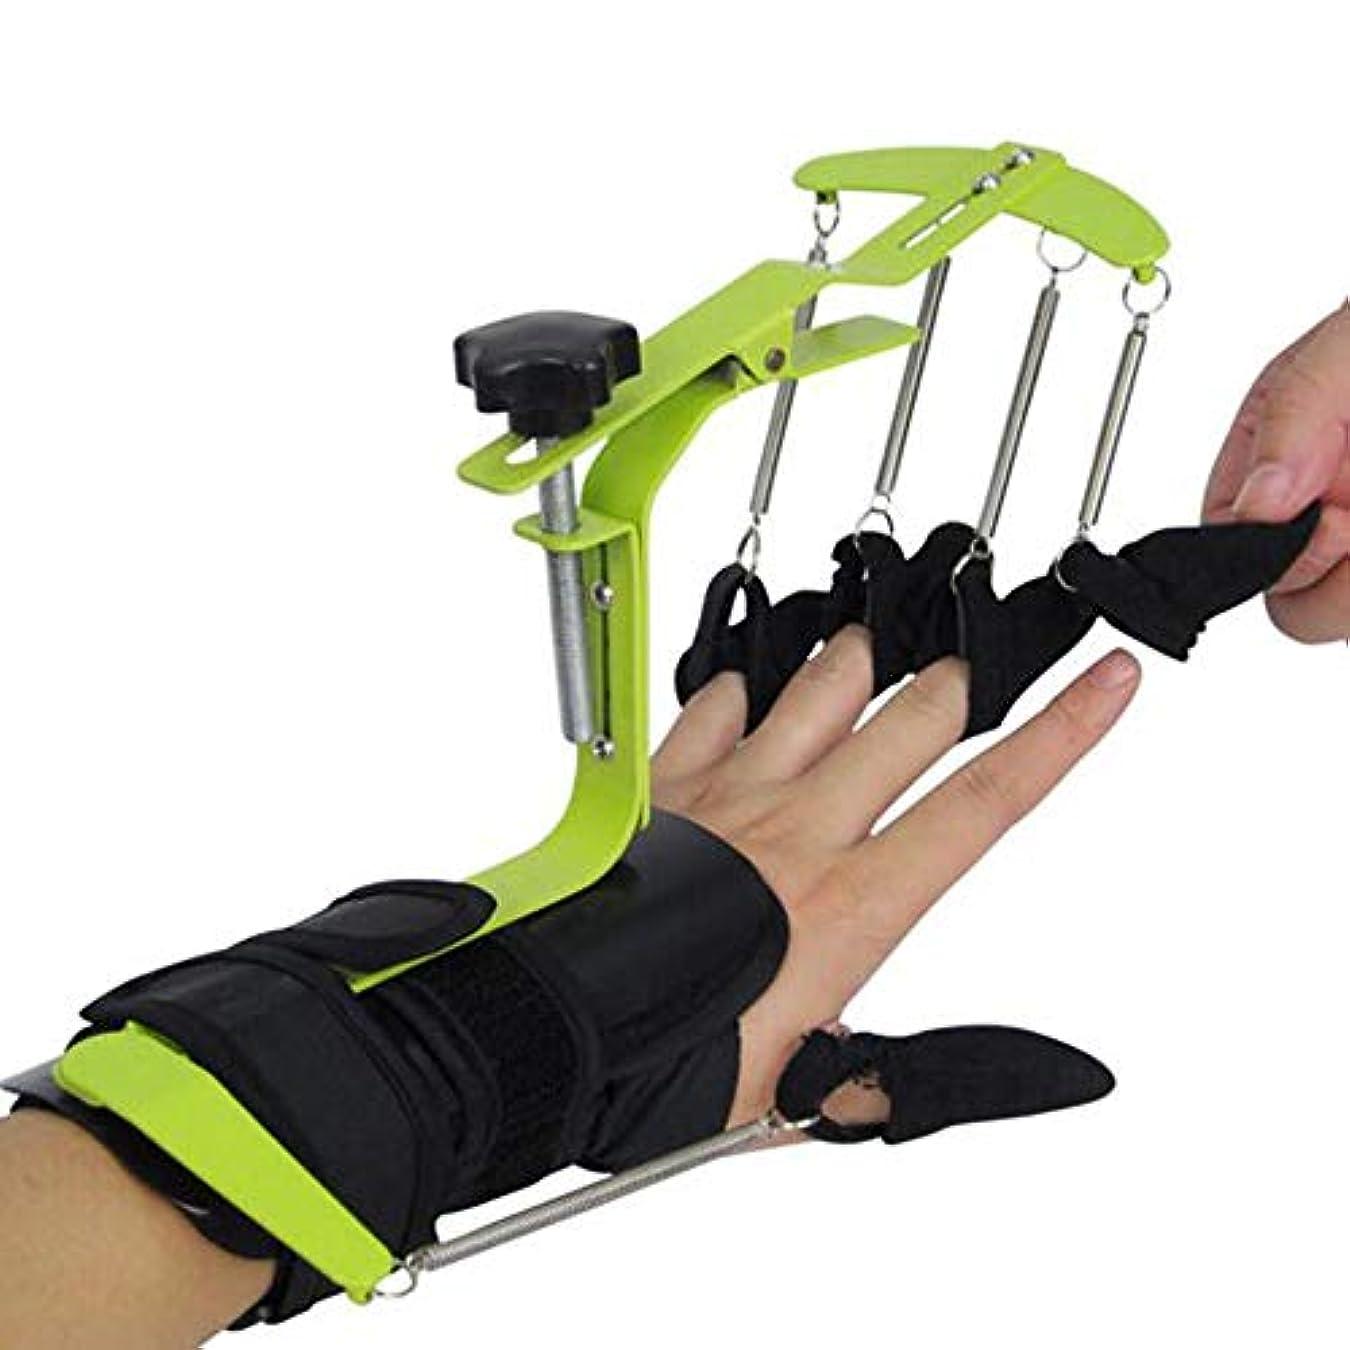 一致する普遍的なサイレント片麻痺性脳性麻痺リハビリテーションのために機能する指の訓練装置訓練装置ブレースボード別々の親指手首ブレース手